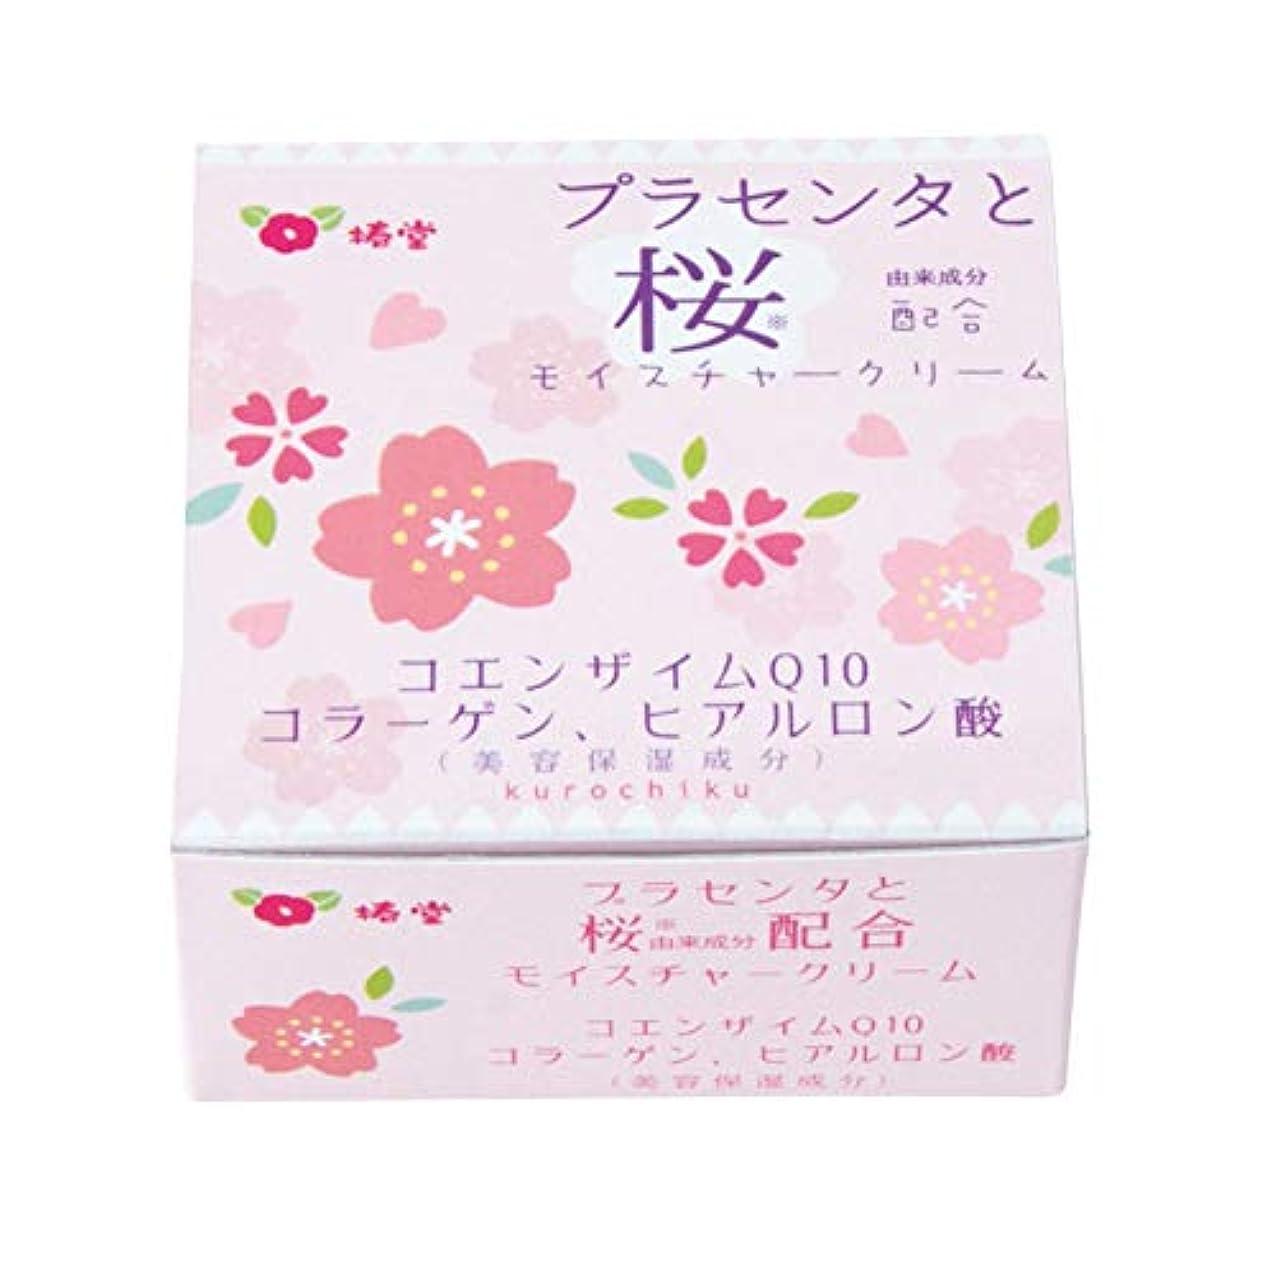 決めます揺れるデジタル椿堂 桜モイスチャークリーム (プラセンタと桜) 京都くろちく